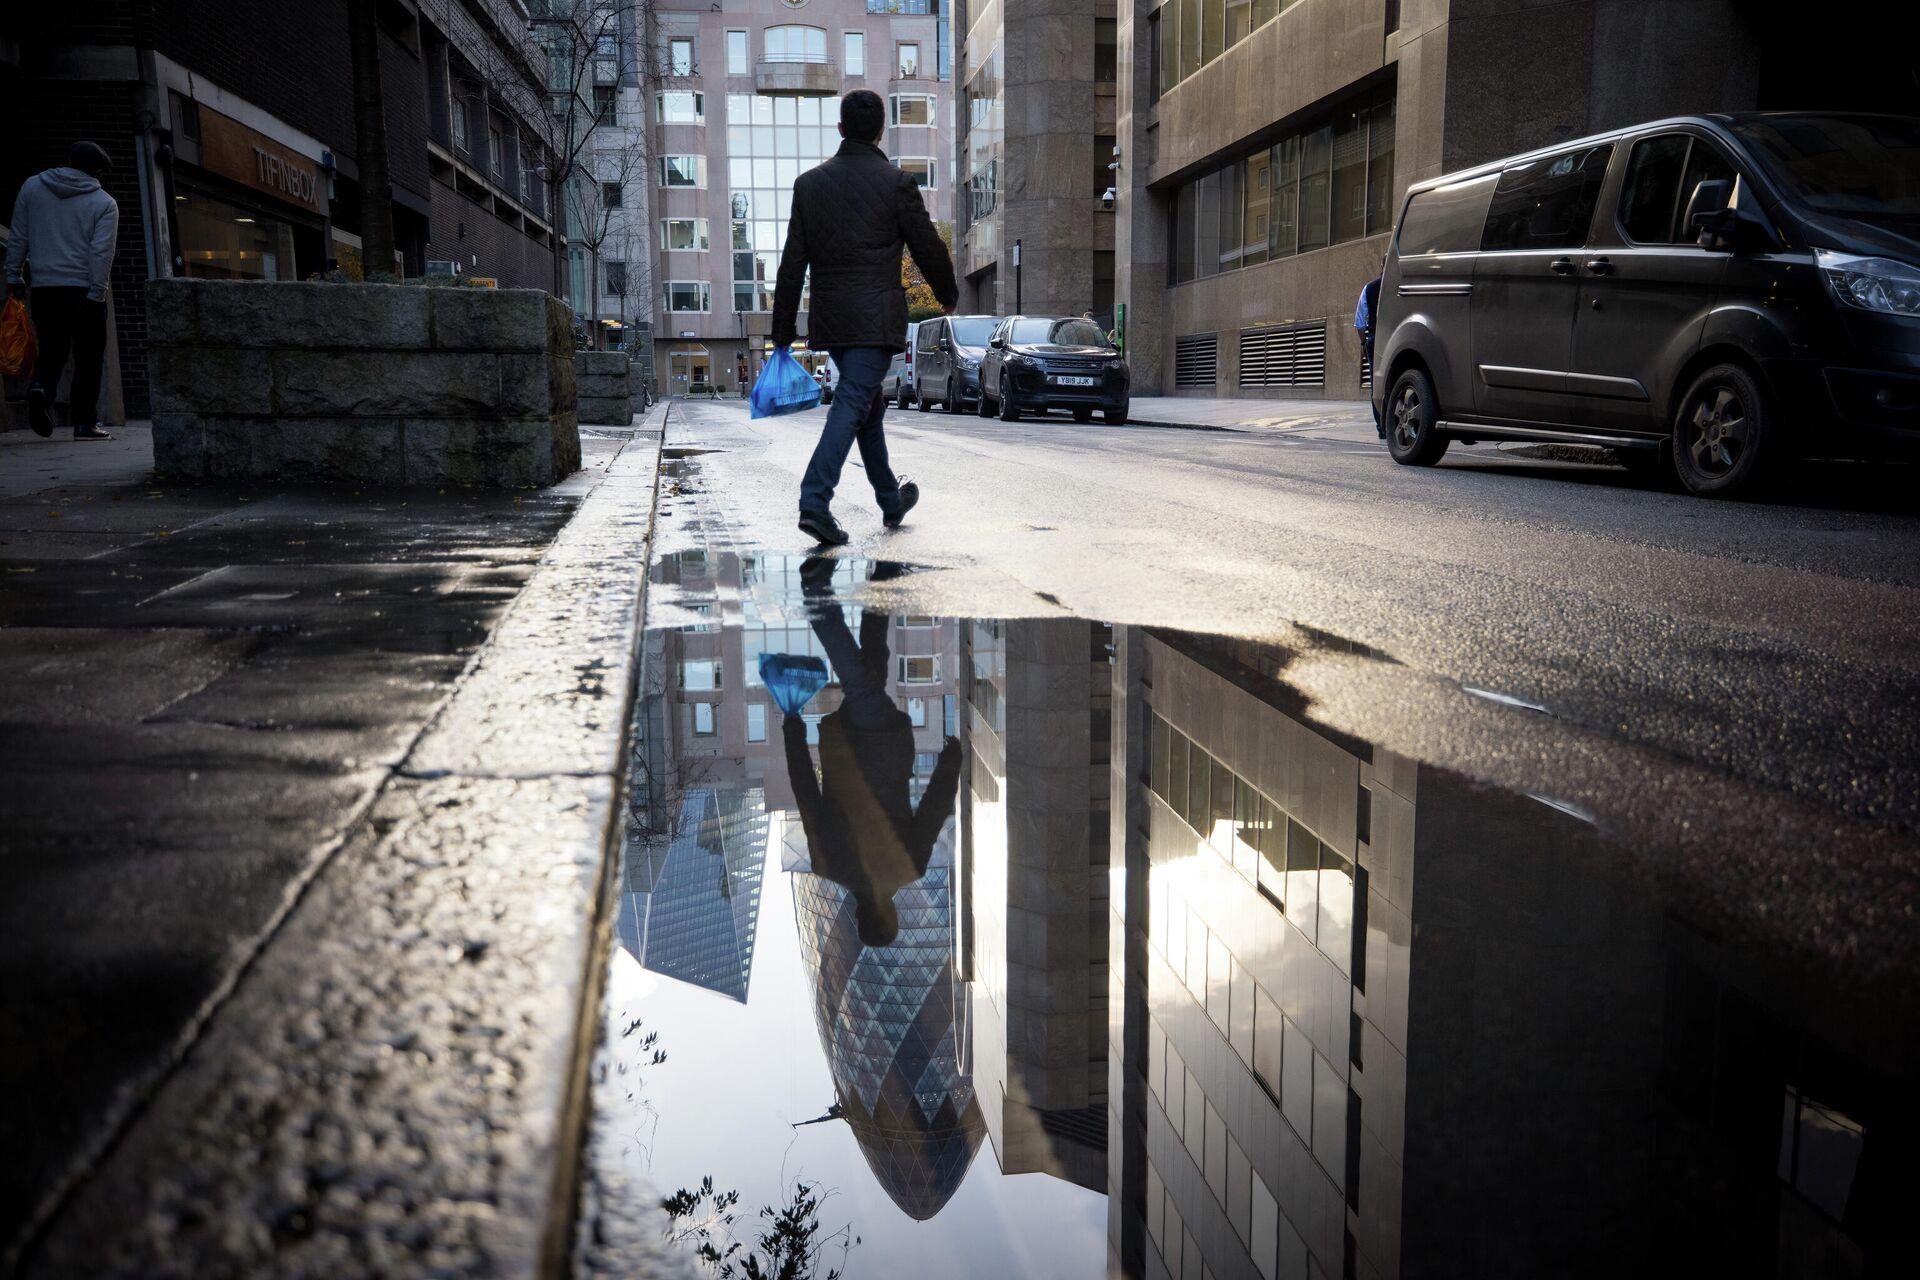 Мужчина на одной из улиц Лондона - РИА Новости, 1920, 17.11.2020